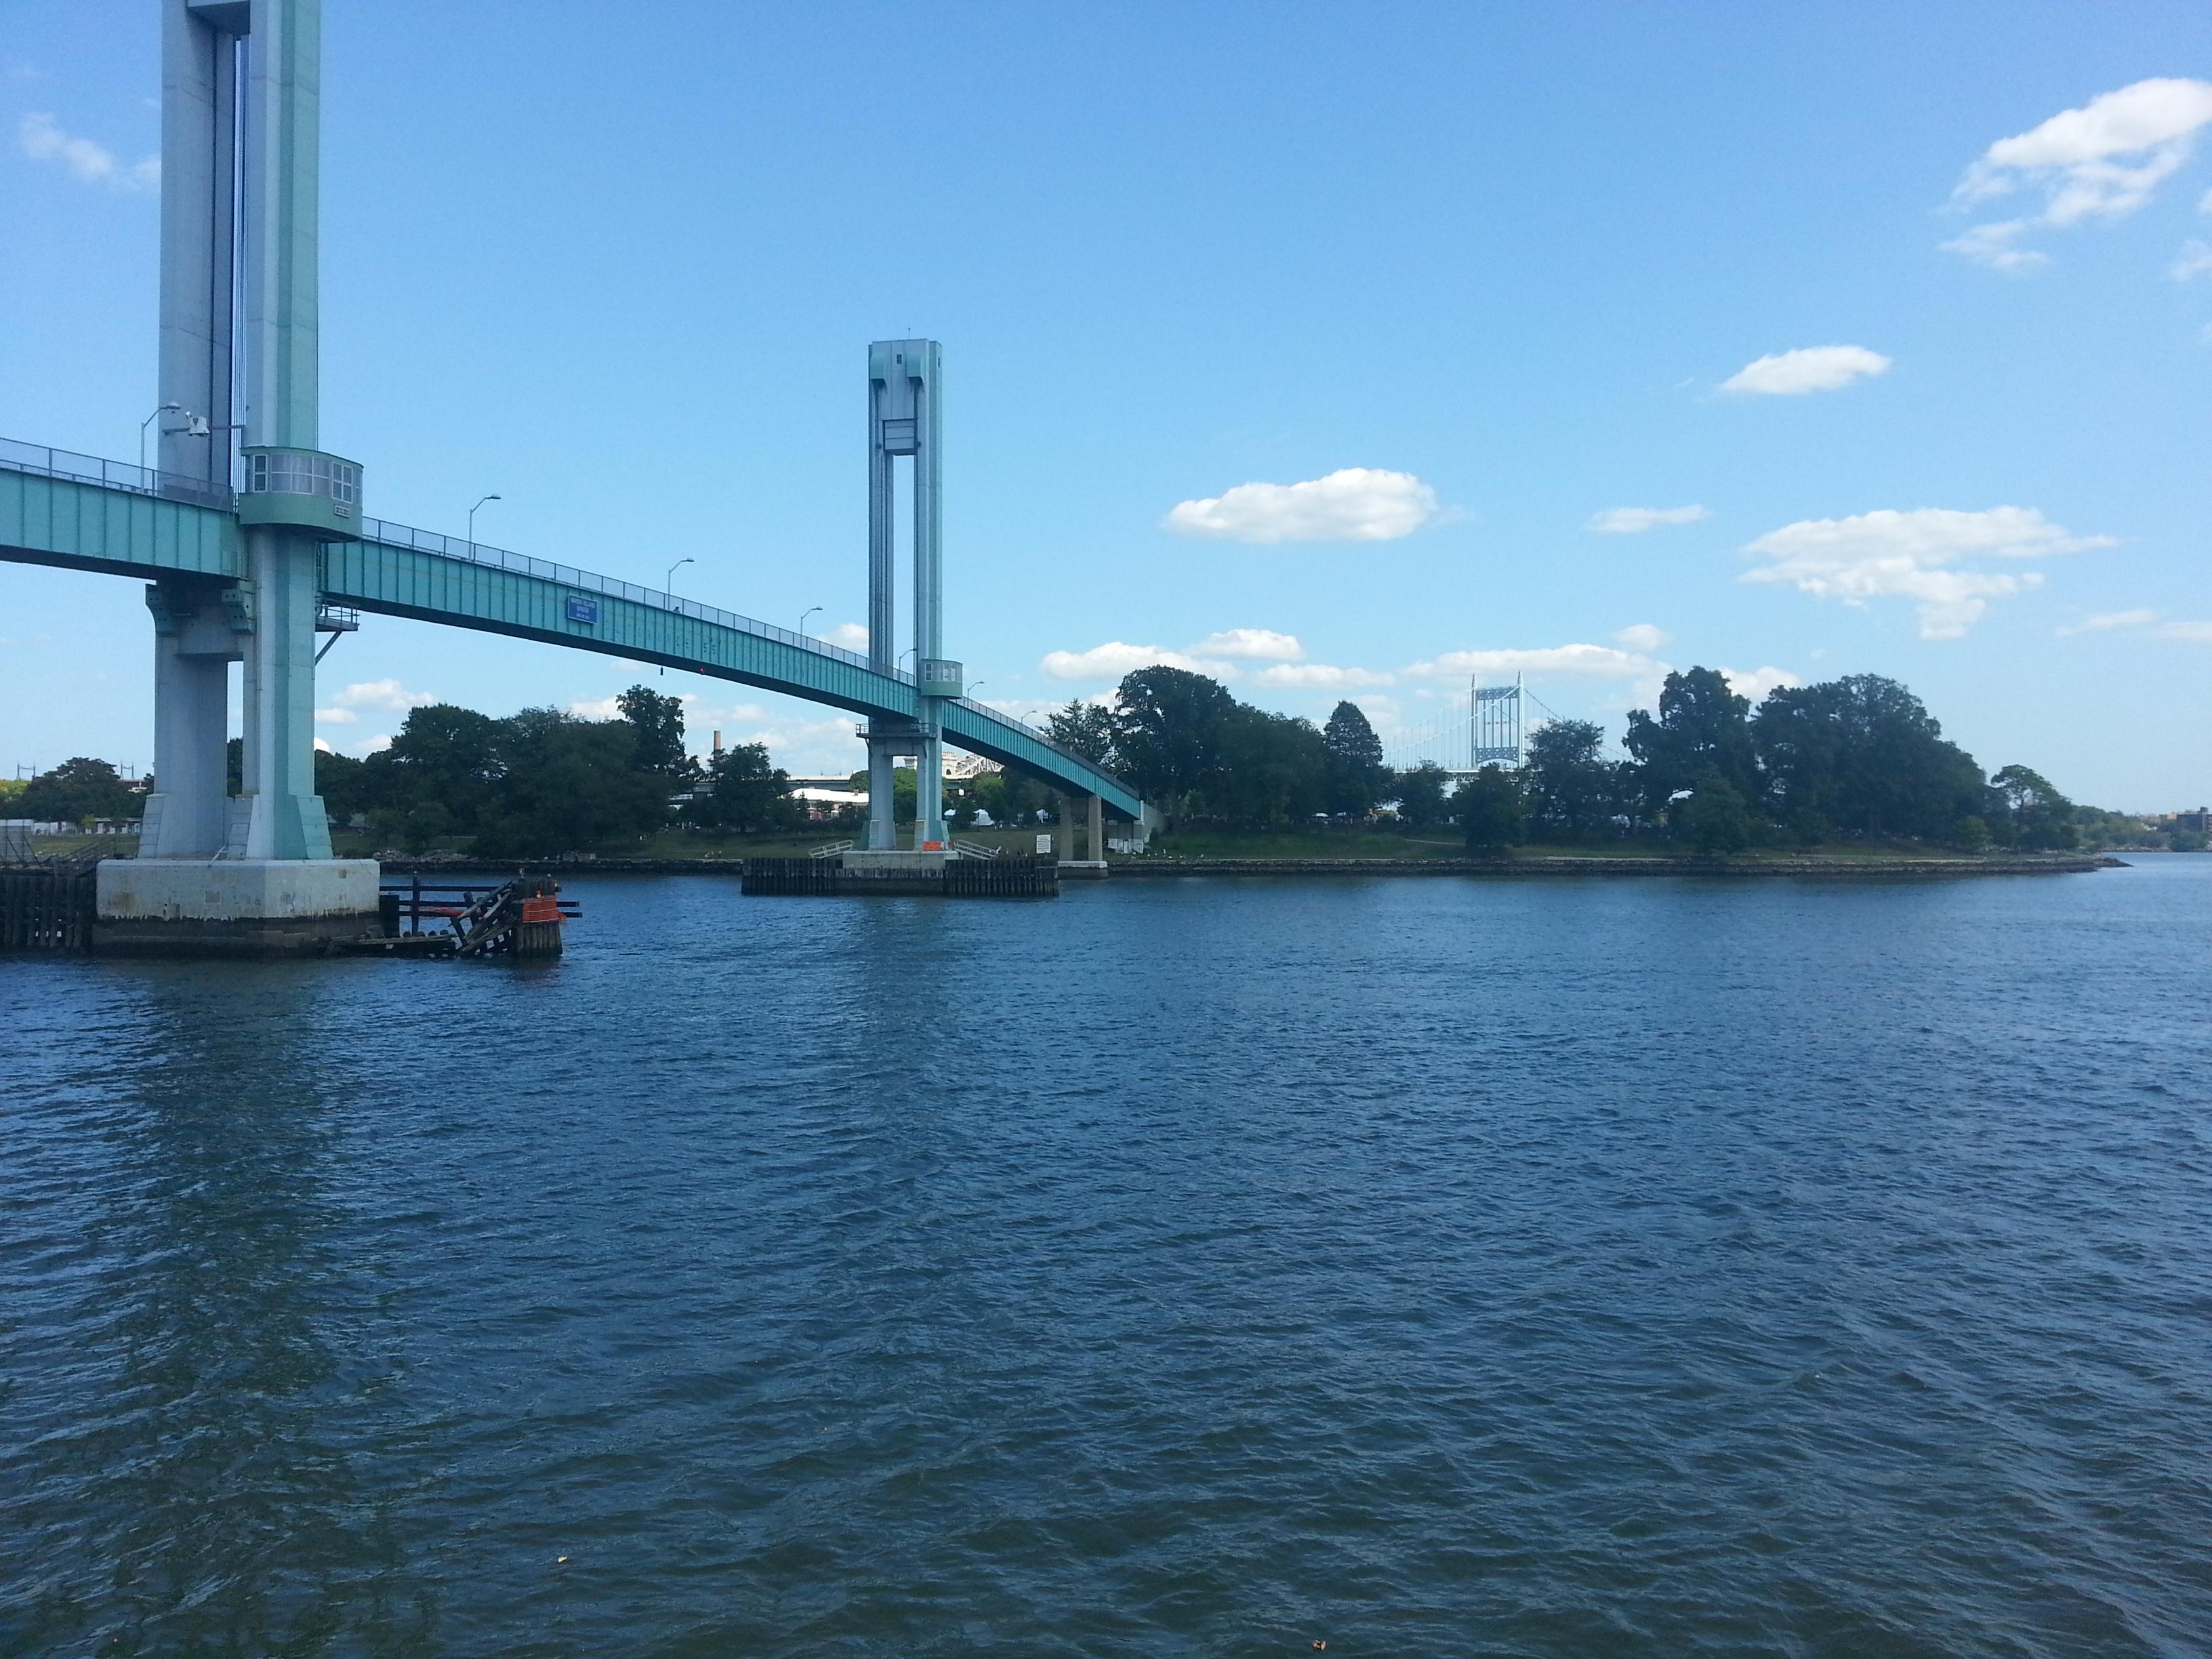 מבט על האי מגשר הולכי הרגל במנהטן